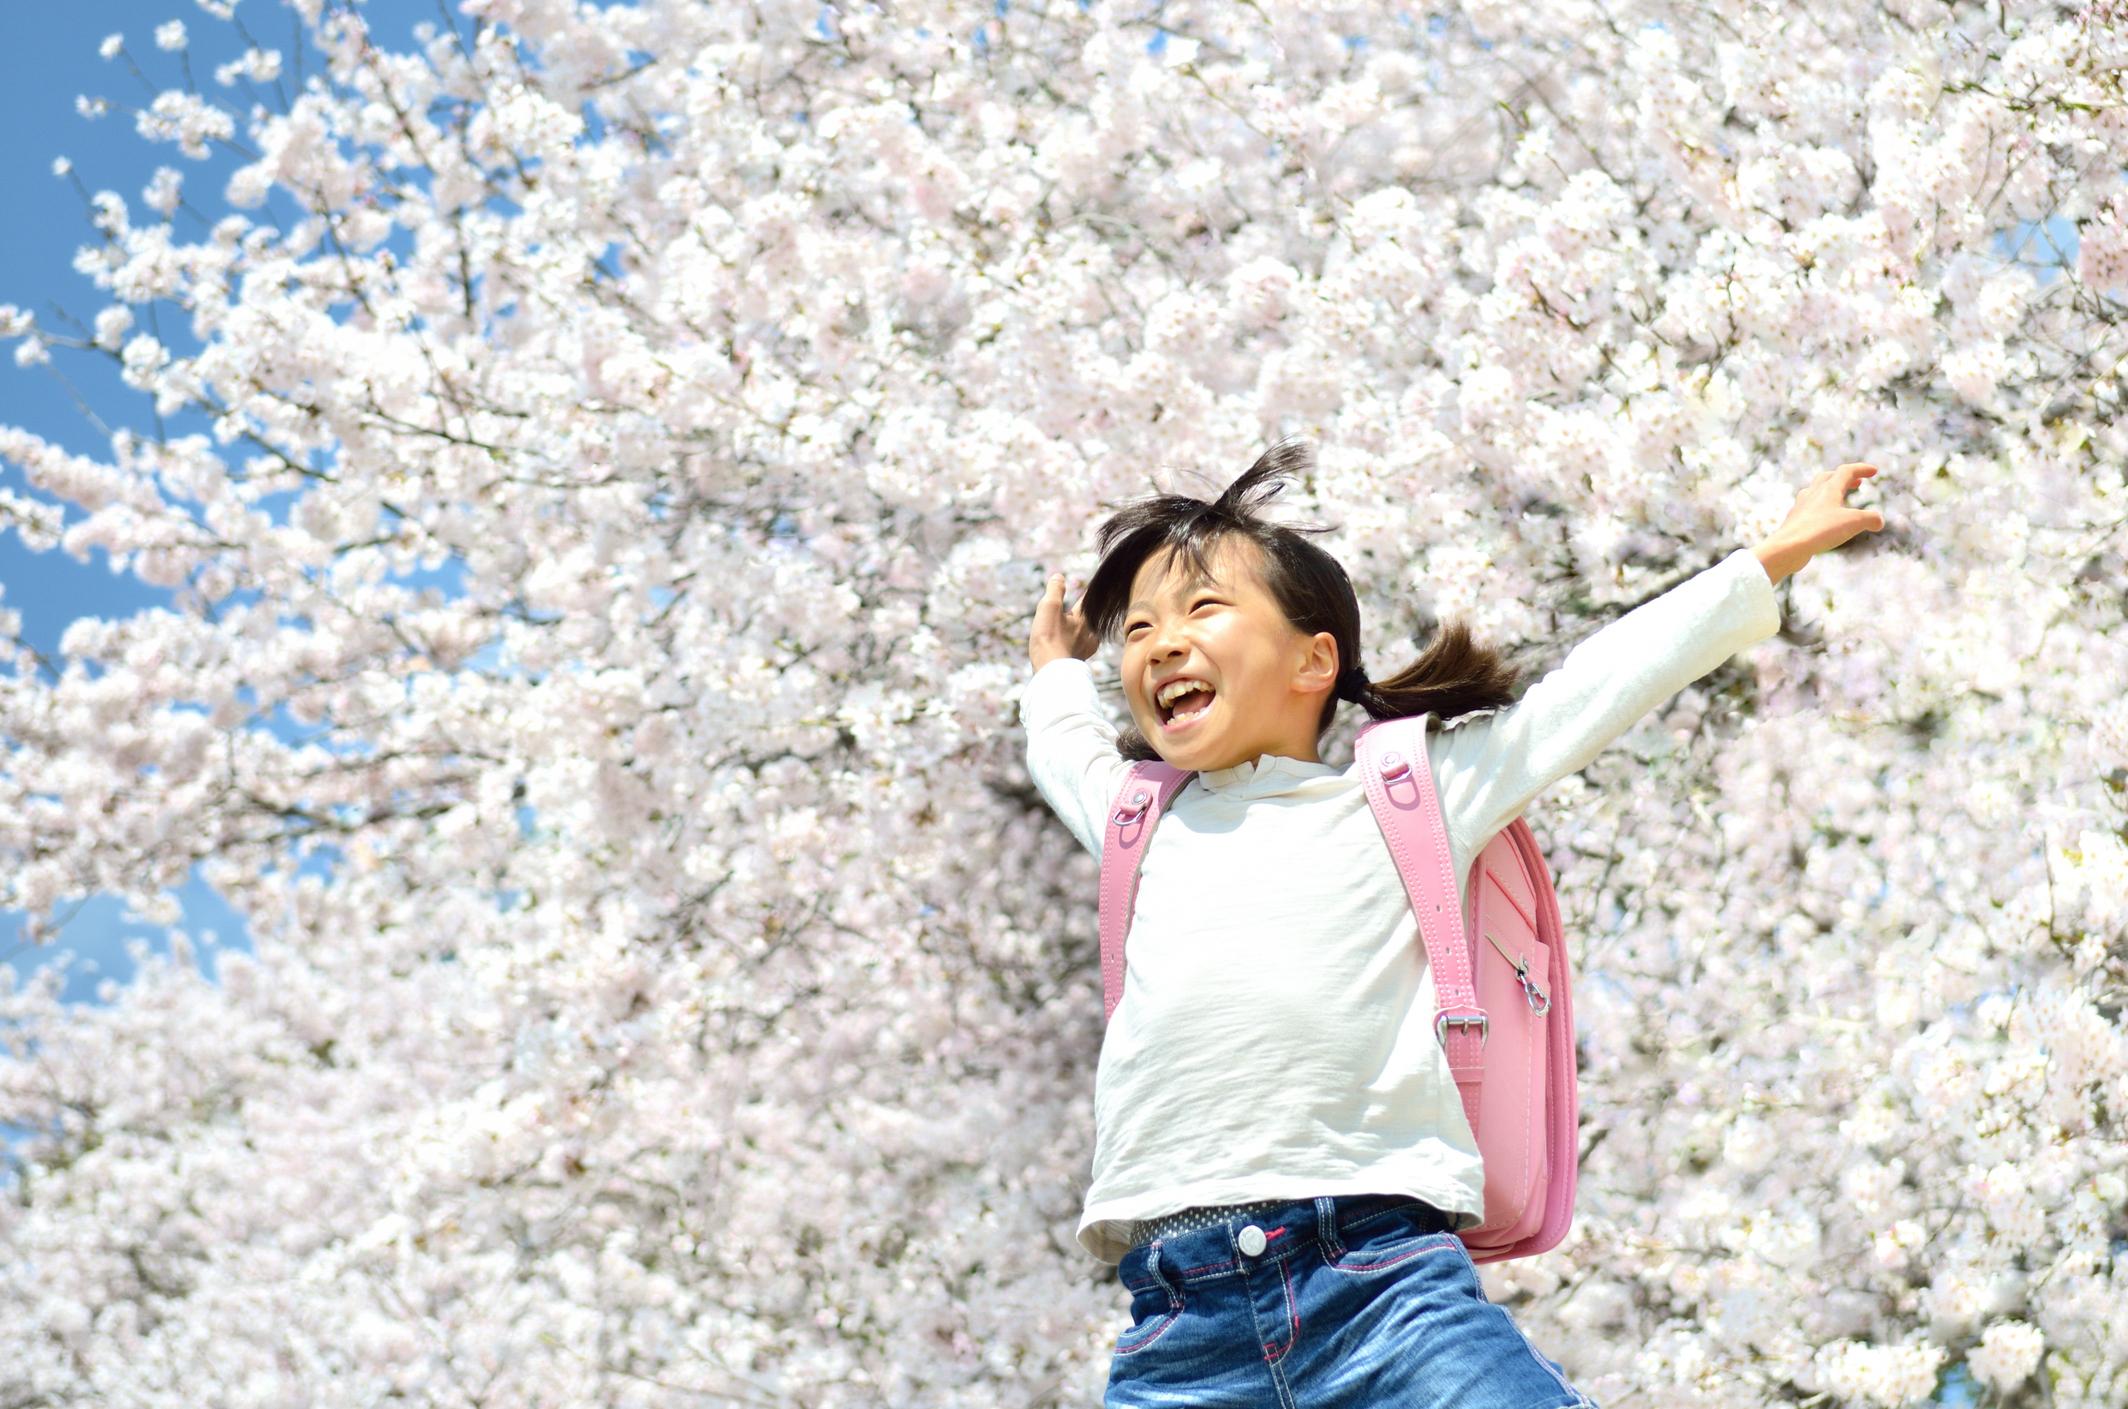 日本小學不可思議習慣之「日本小學生書包、放學前班會」/日本の小学校の不思議な習慣「ランドセル・帰りの会」